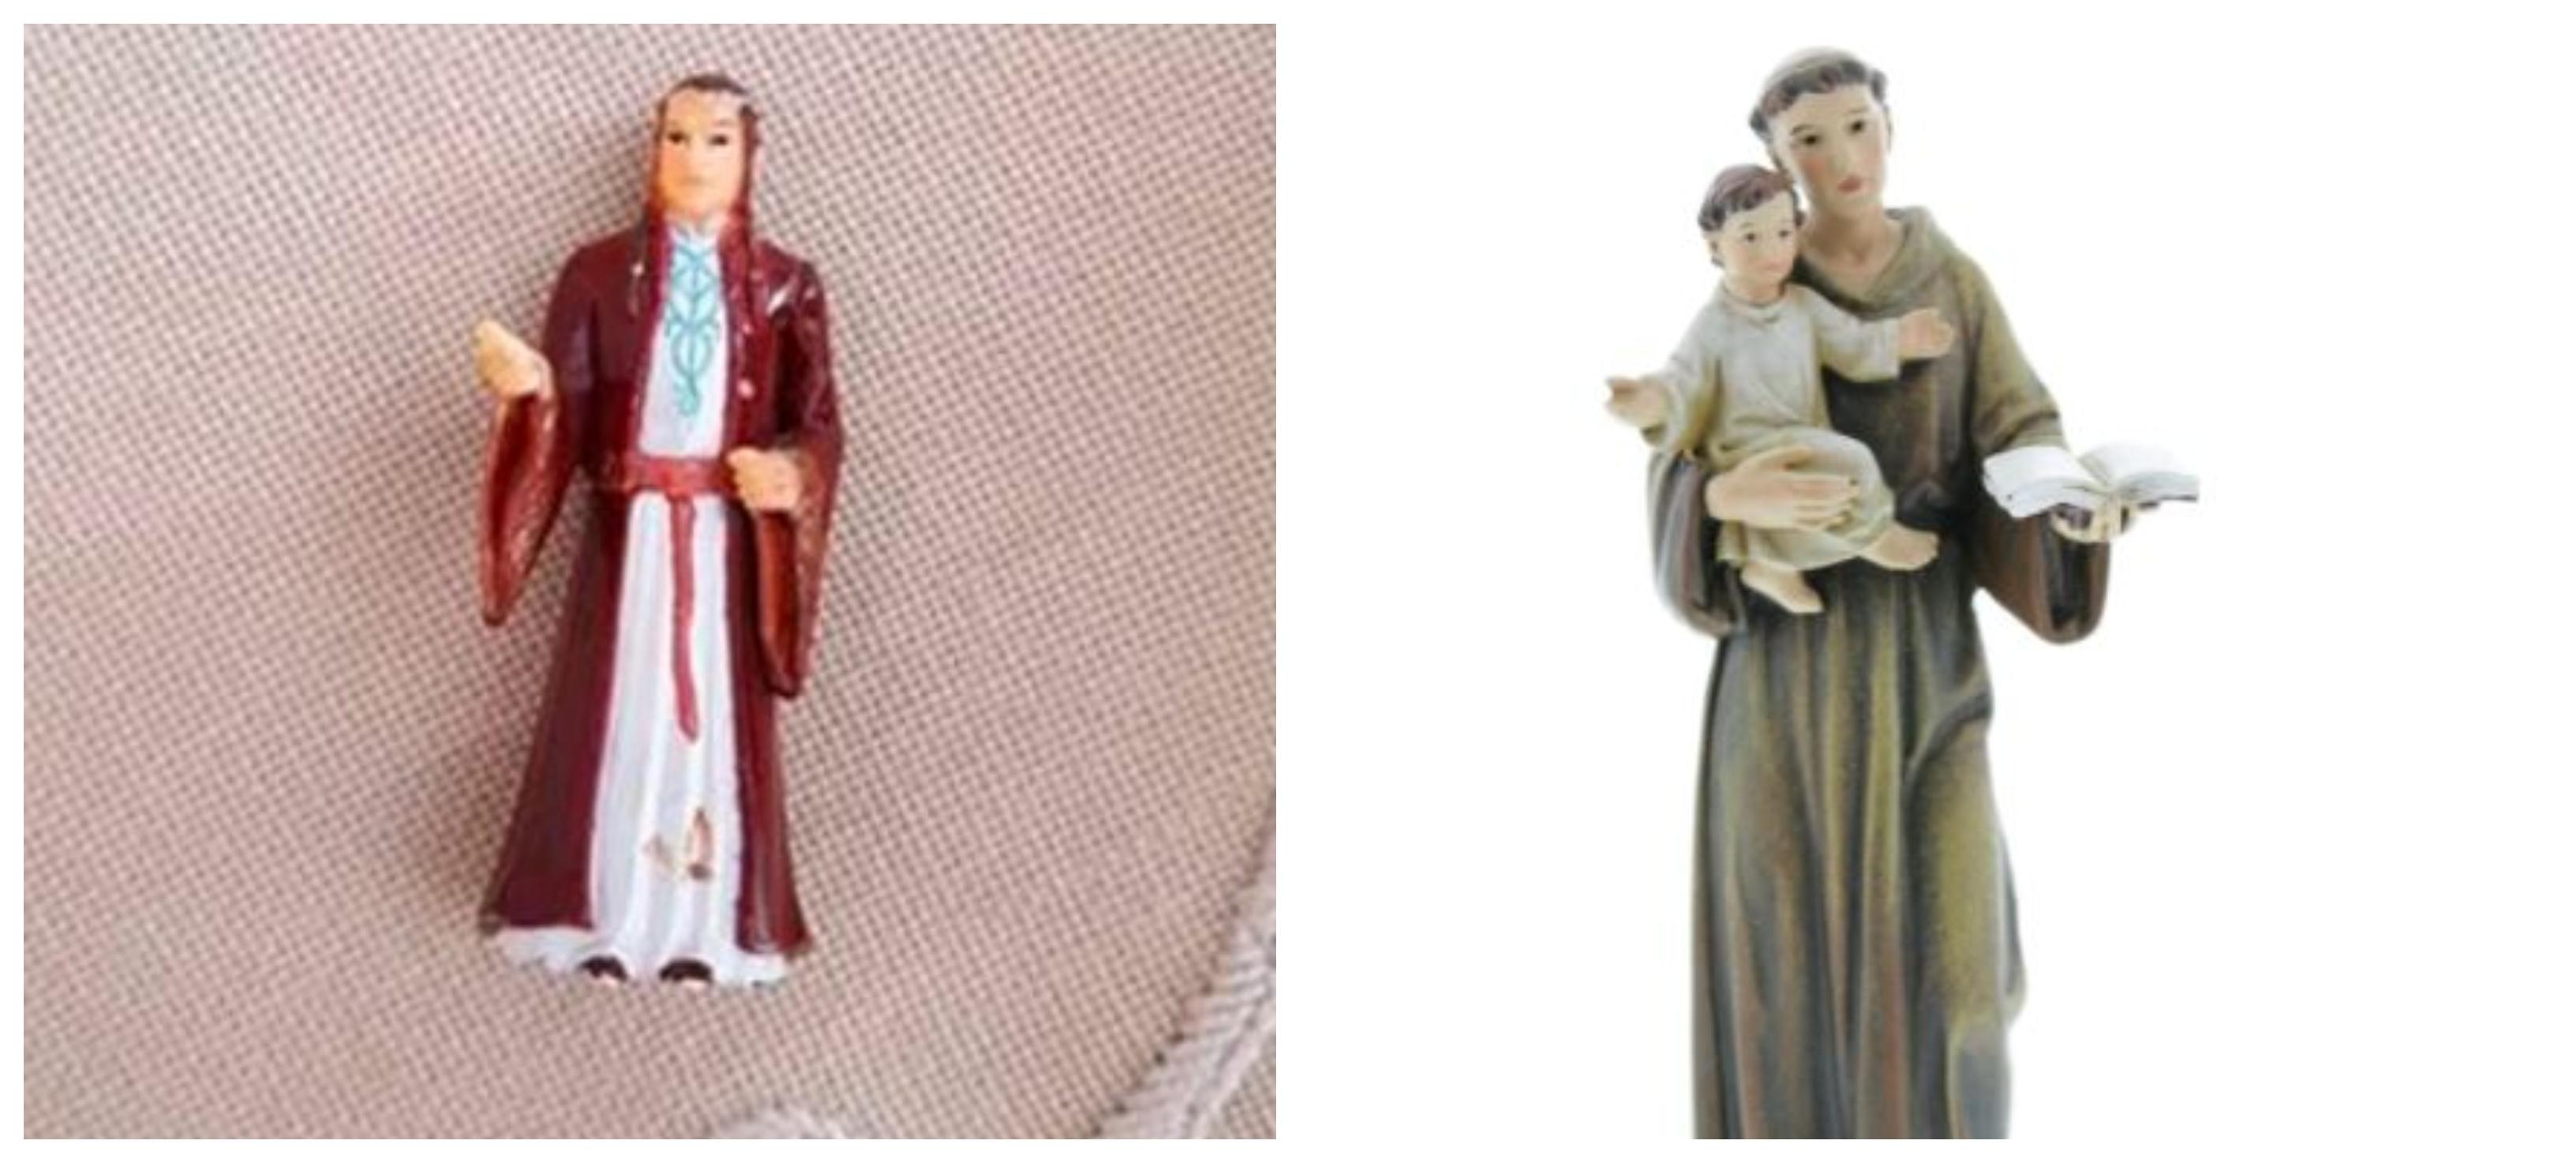 """Babcia omyłkowo modliła się do figurki Elronda, postaci znanej z """"Władcy Pierścieni""""."""